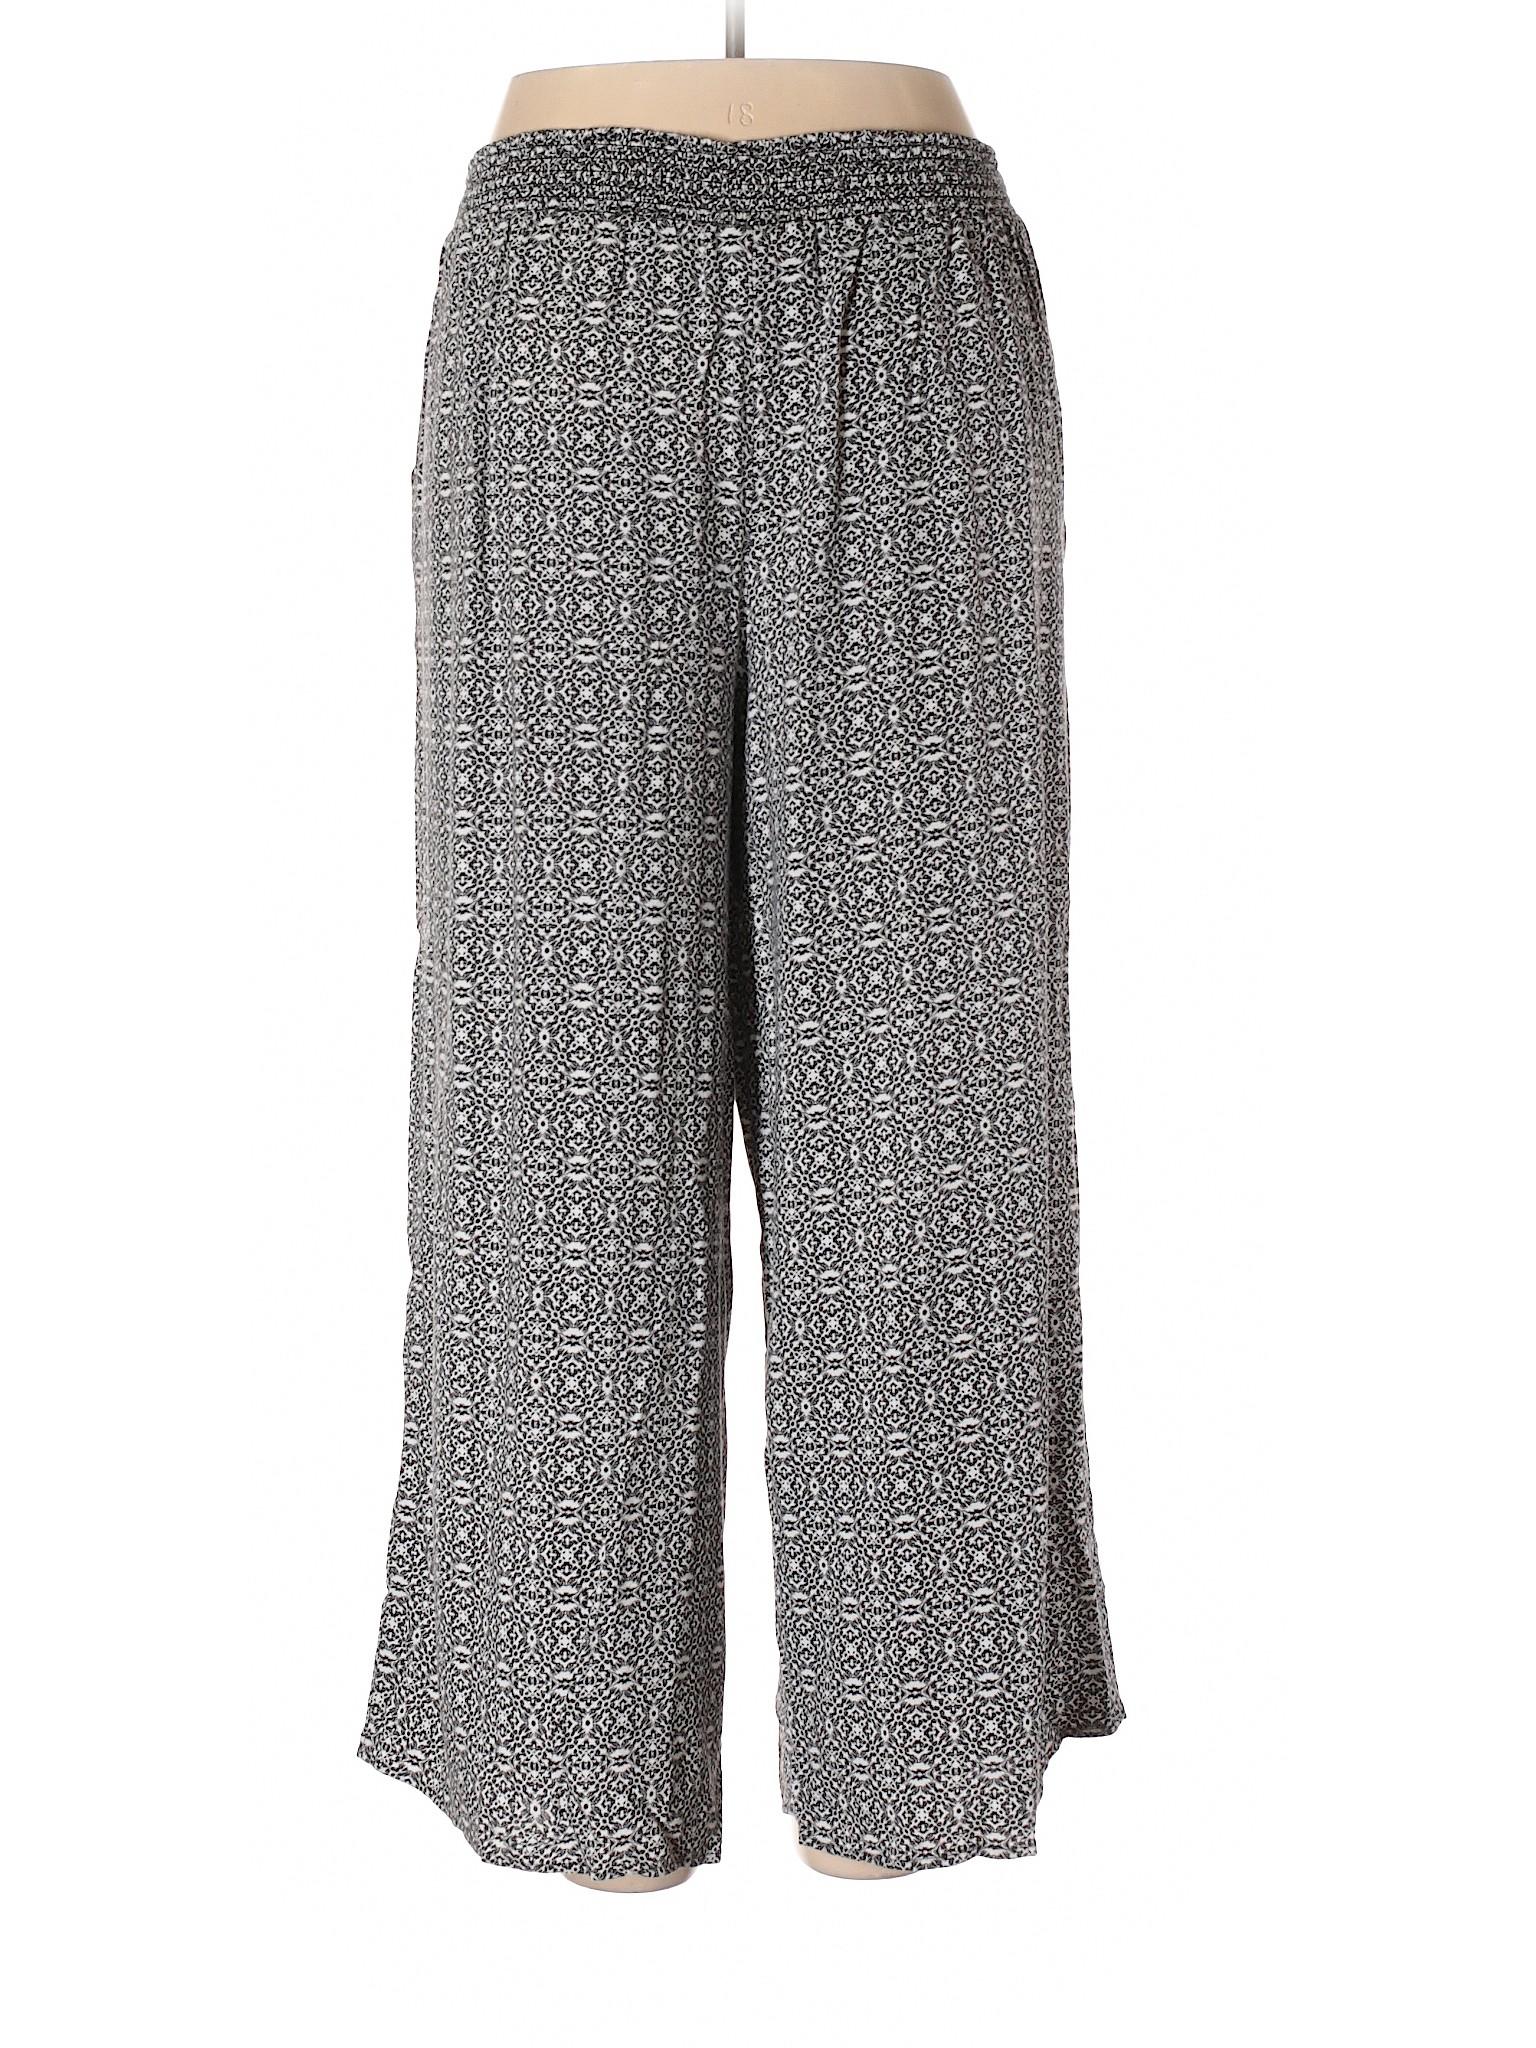 Boutique Pants Casual amp; Ava Viv winter 6XaZ6qr